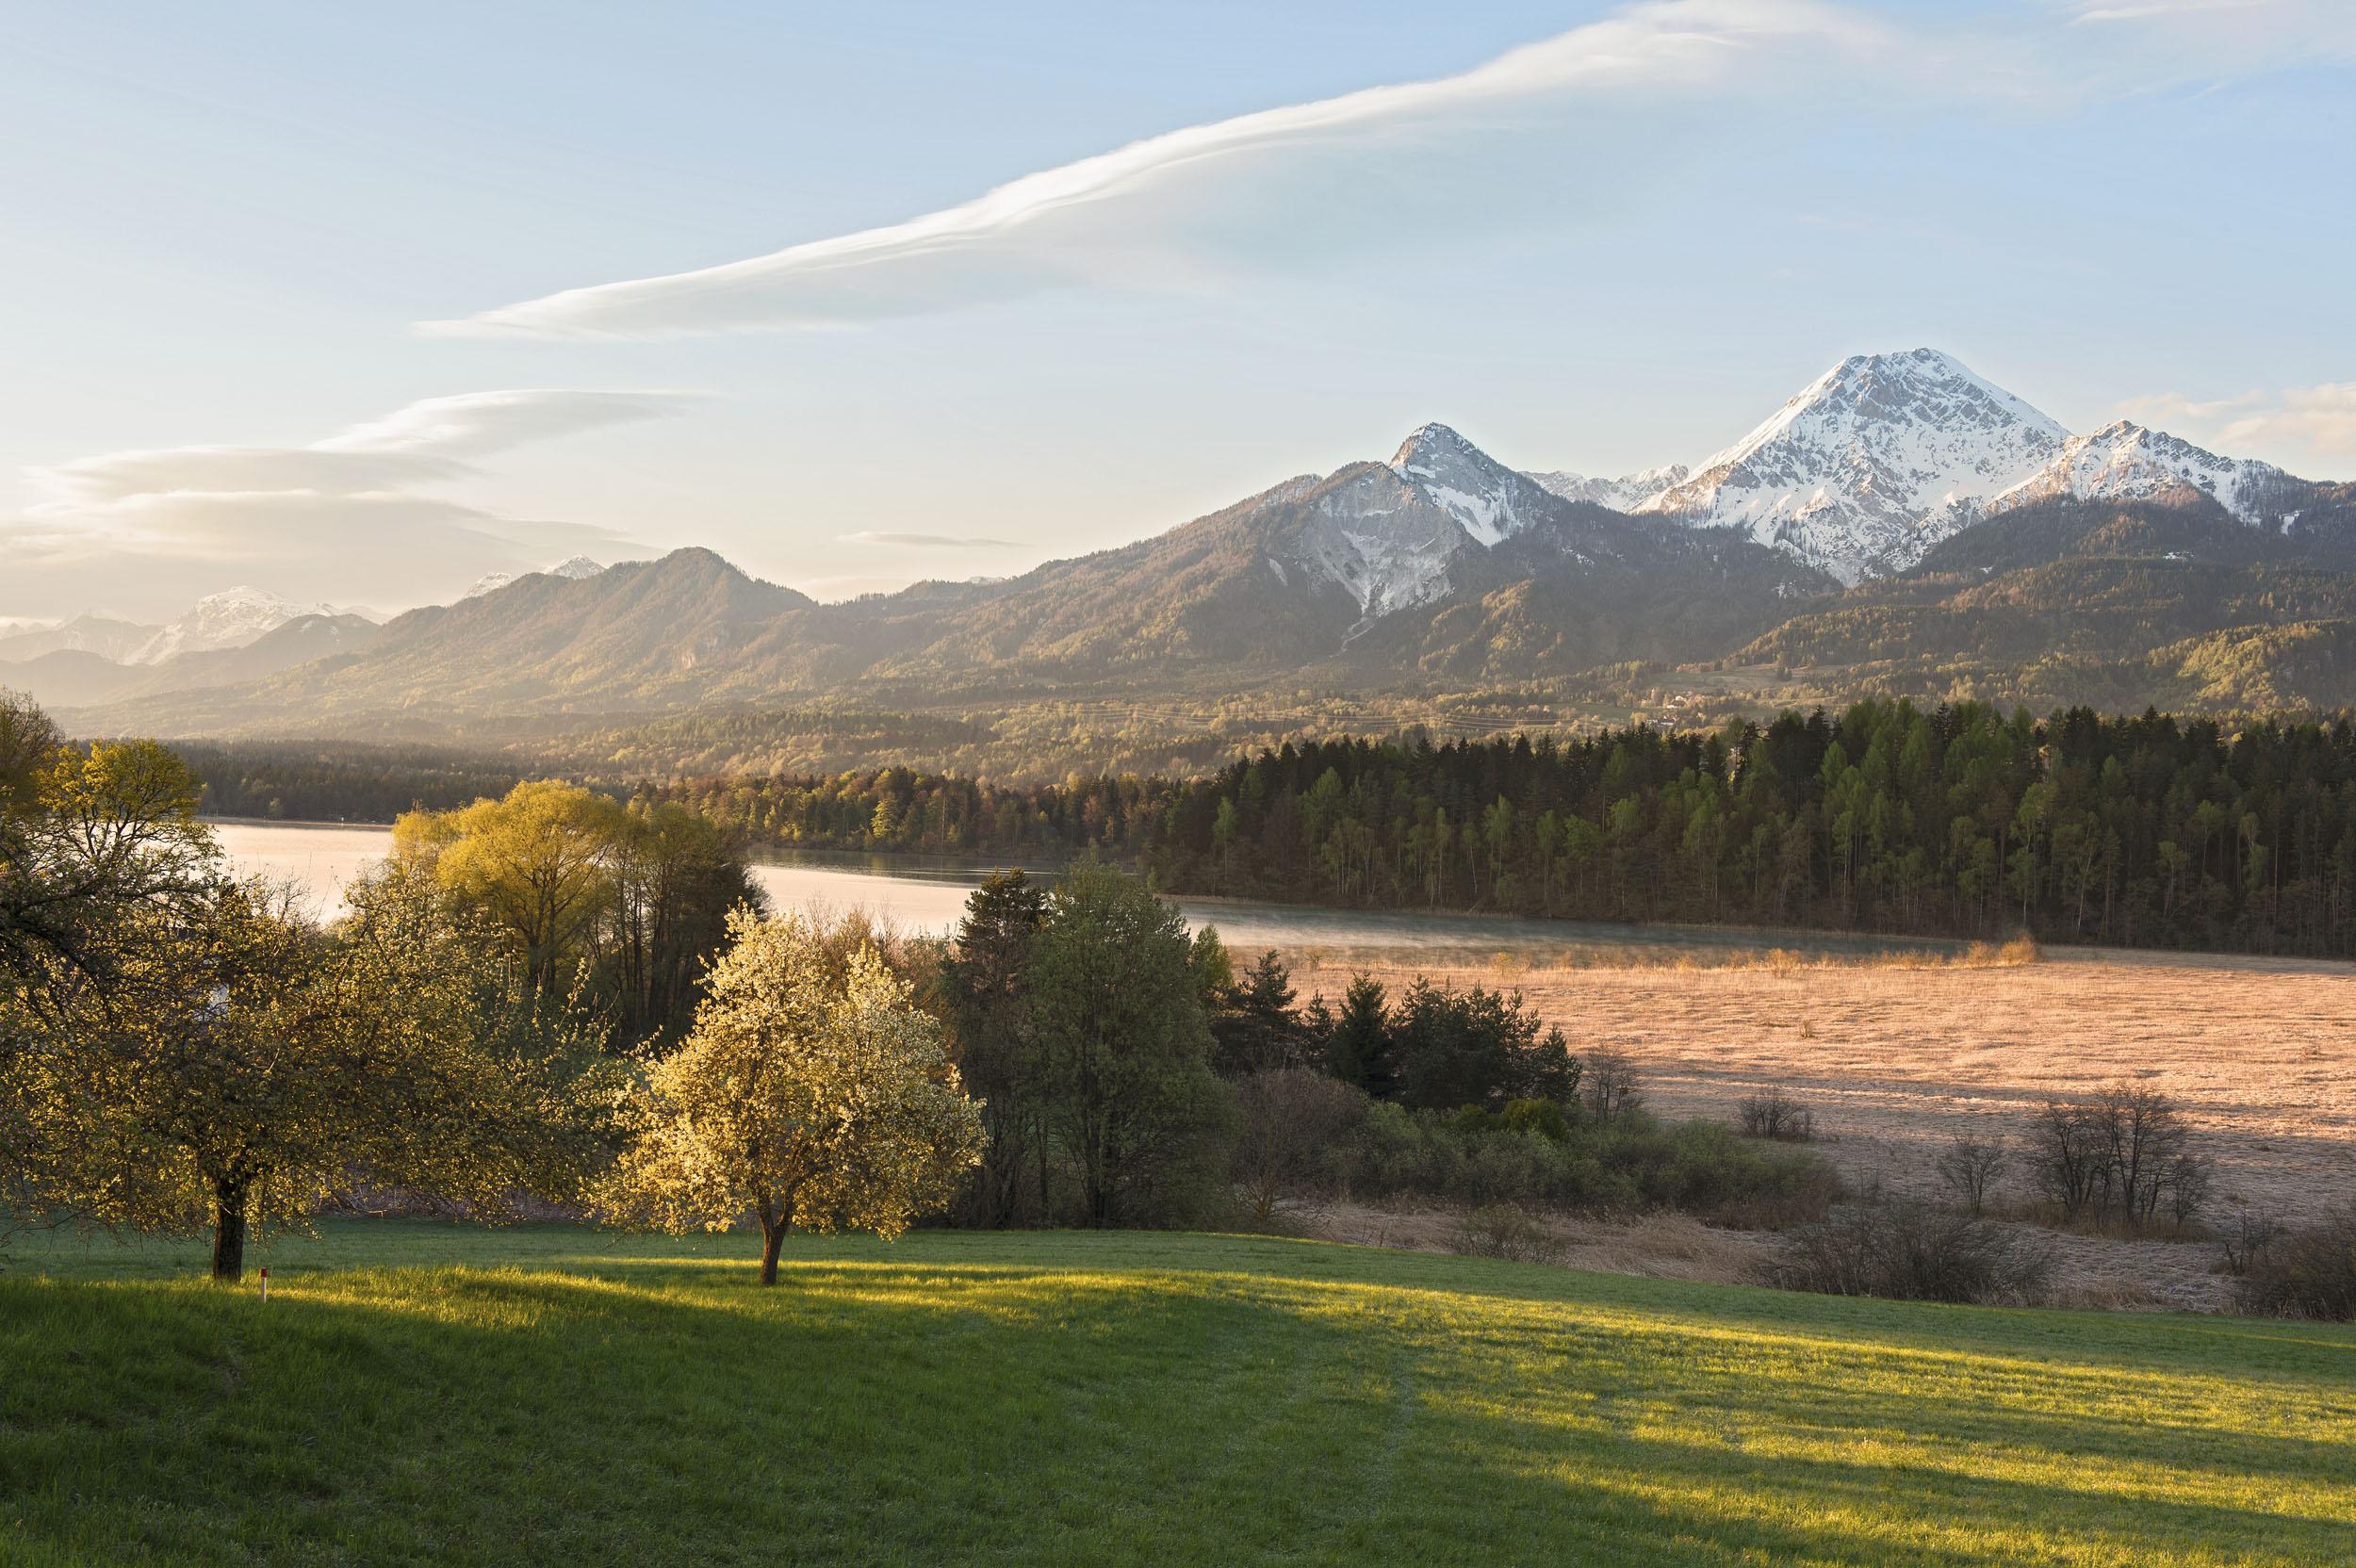 Die gebirgige Landschaft rund um den Ossiacher See, ideal zum Wandern in Villach Umgebung